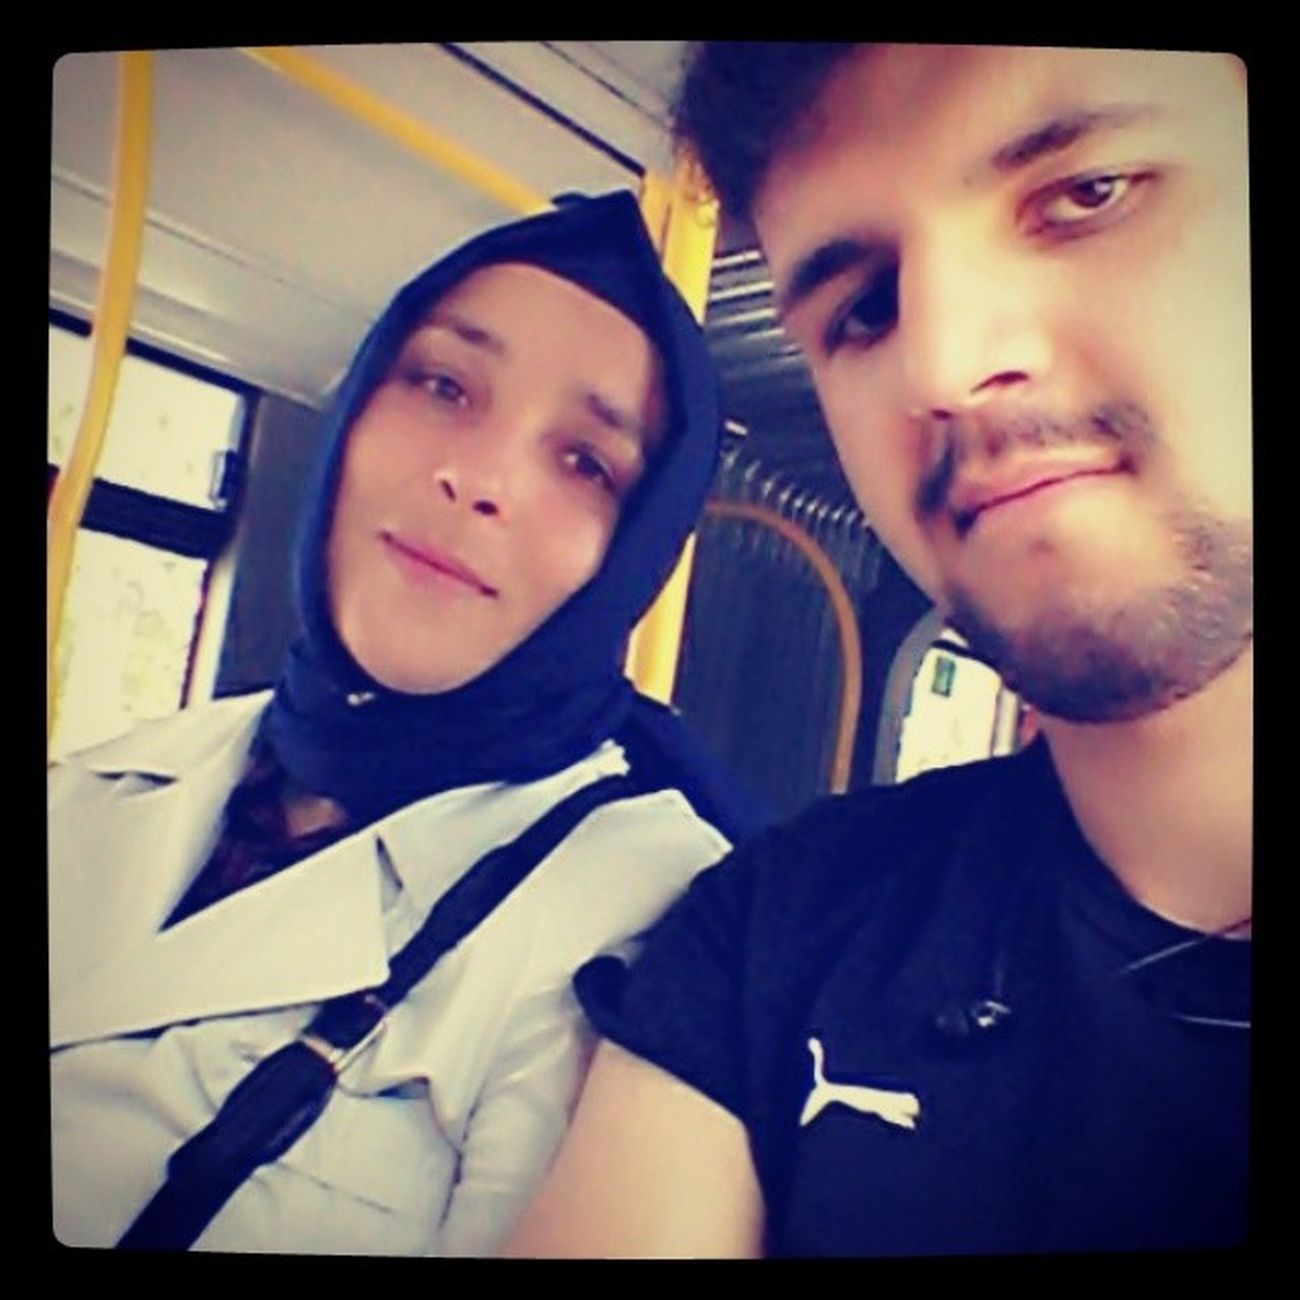 Bide Annemizle Selfie Edek dedik mymother love